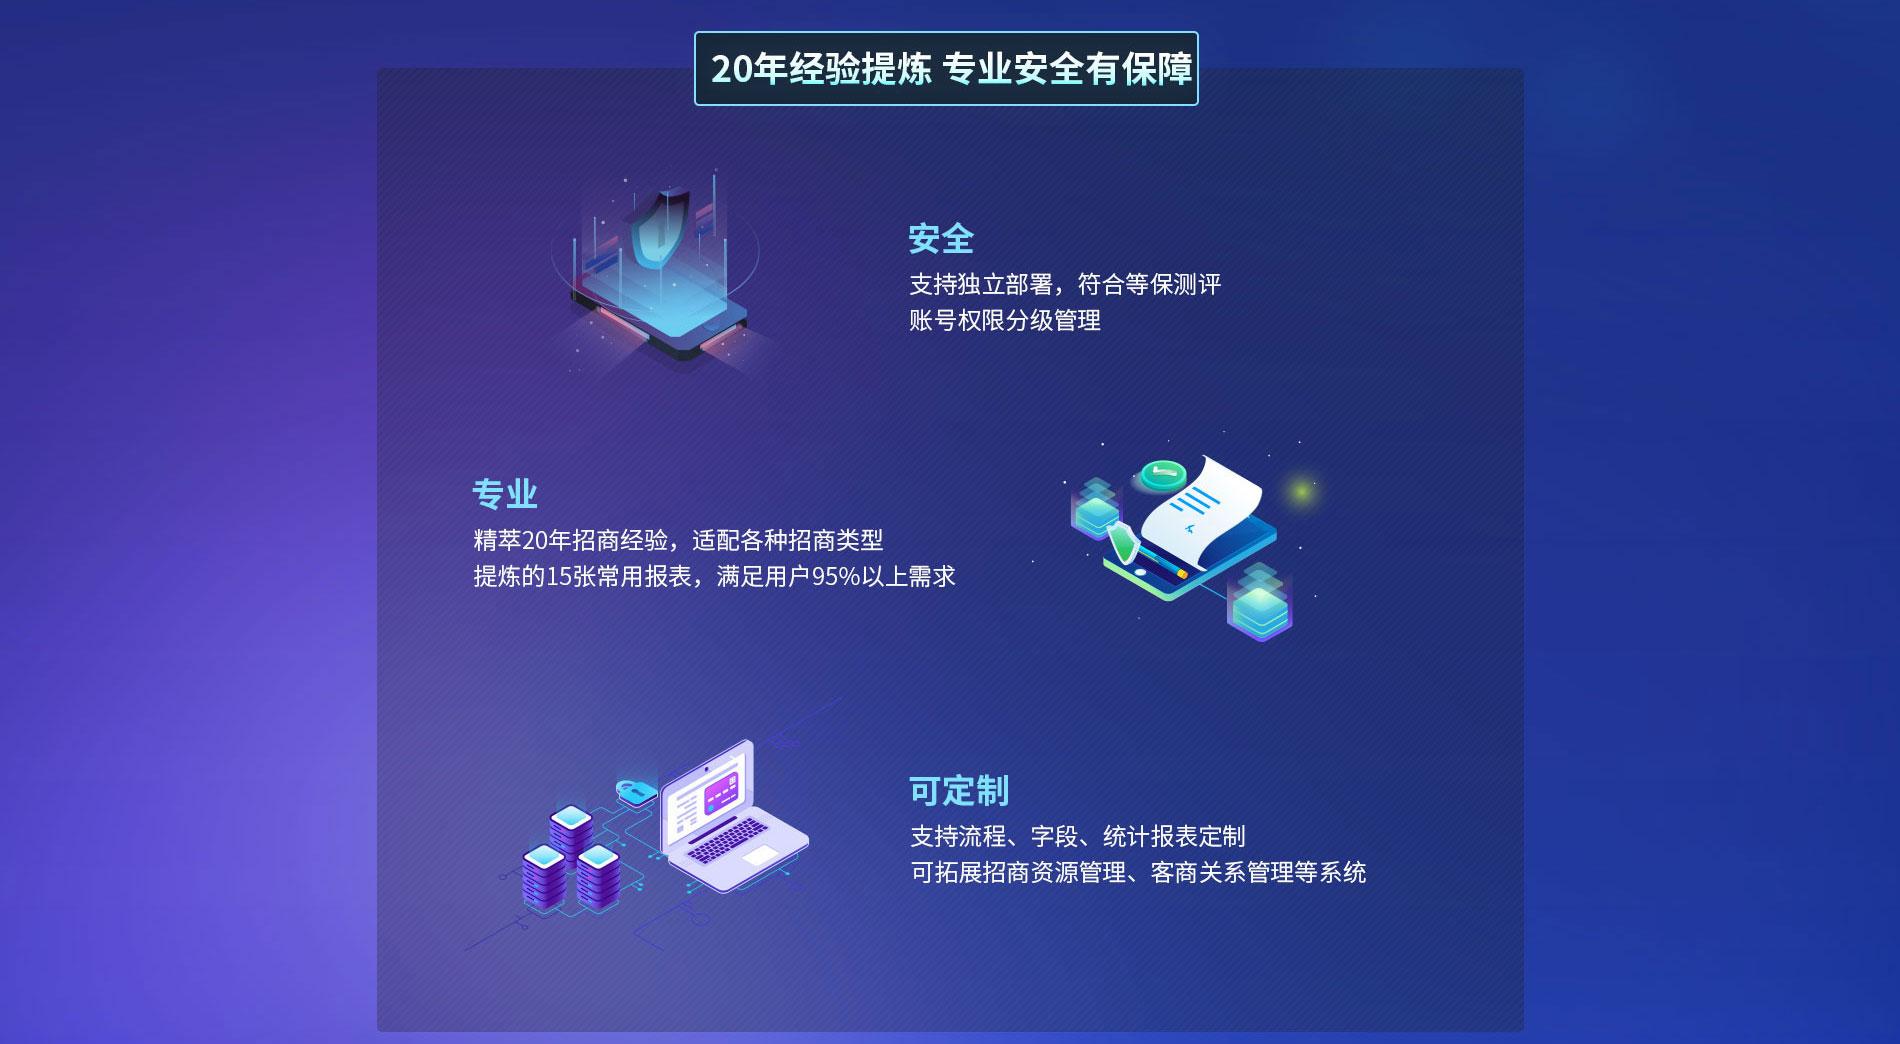 招商项目管理系统